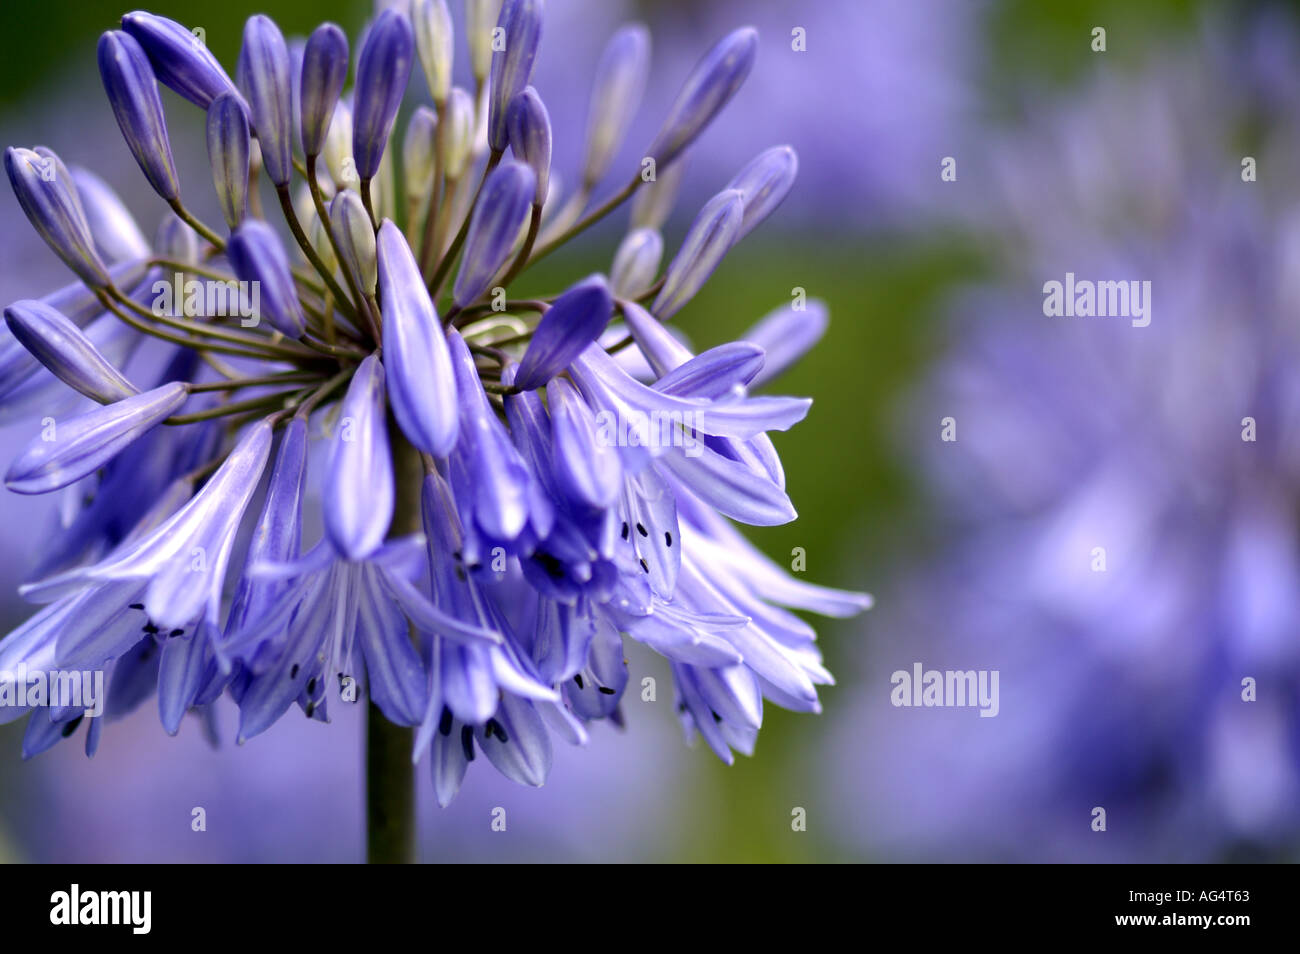 Agaphantus impetus blue lily flower stock photo 4601954 alamy agaphantus impetus blue lily flower izmirmasajfo